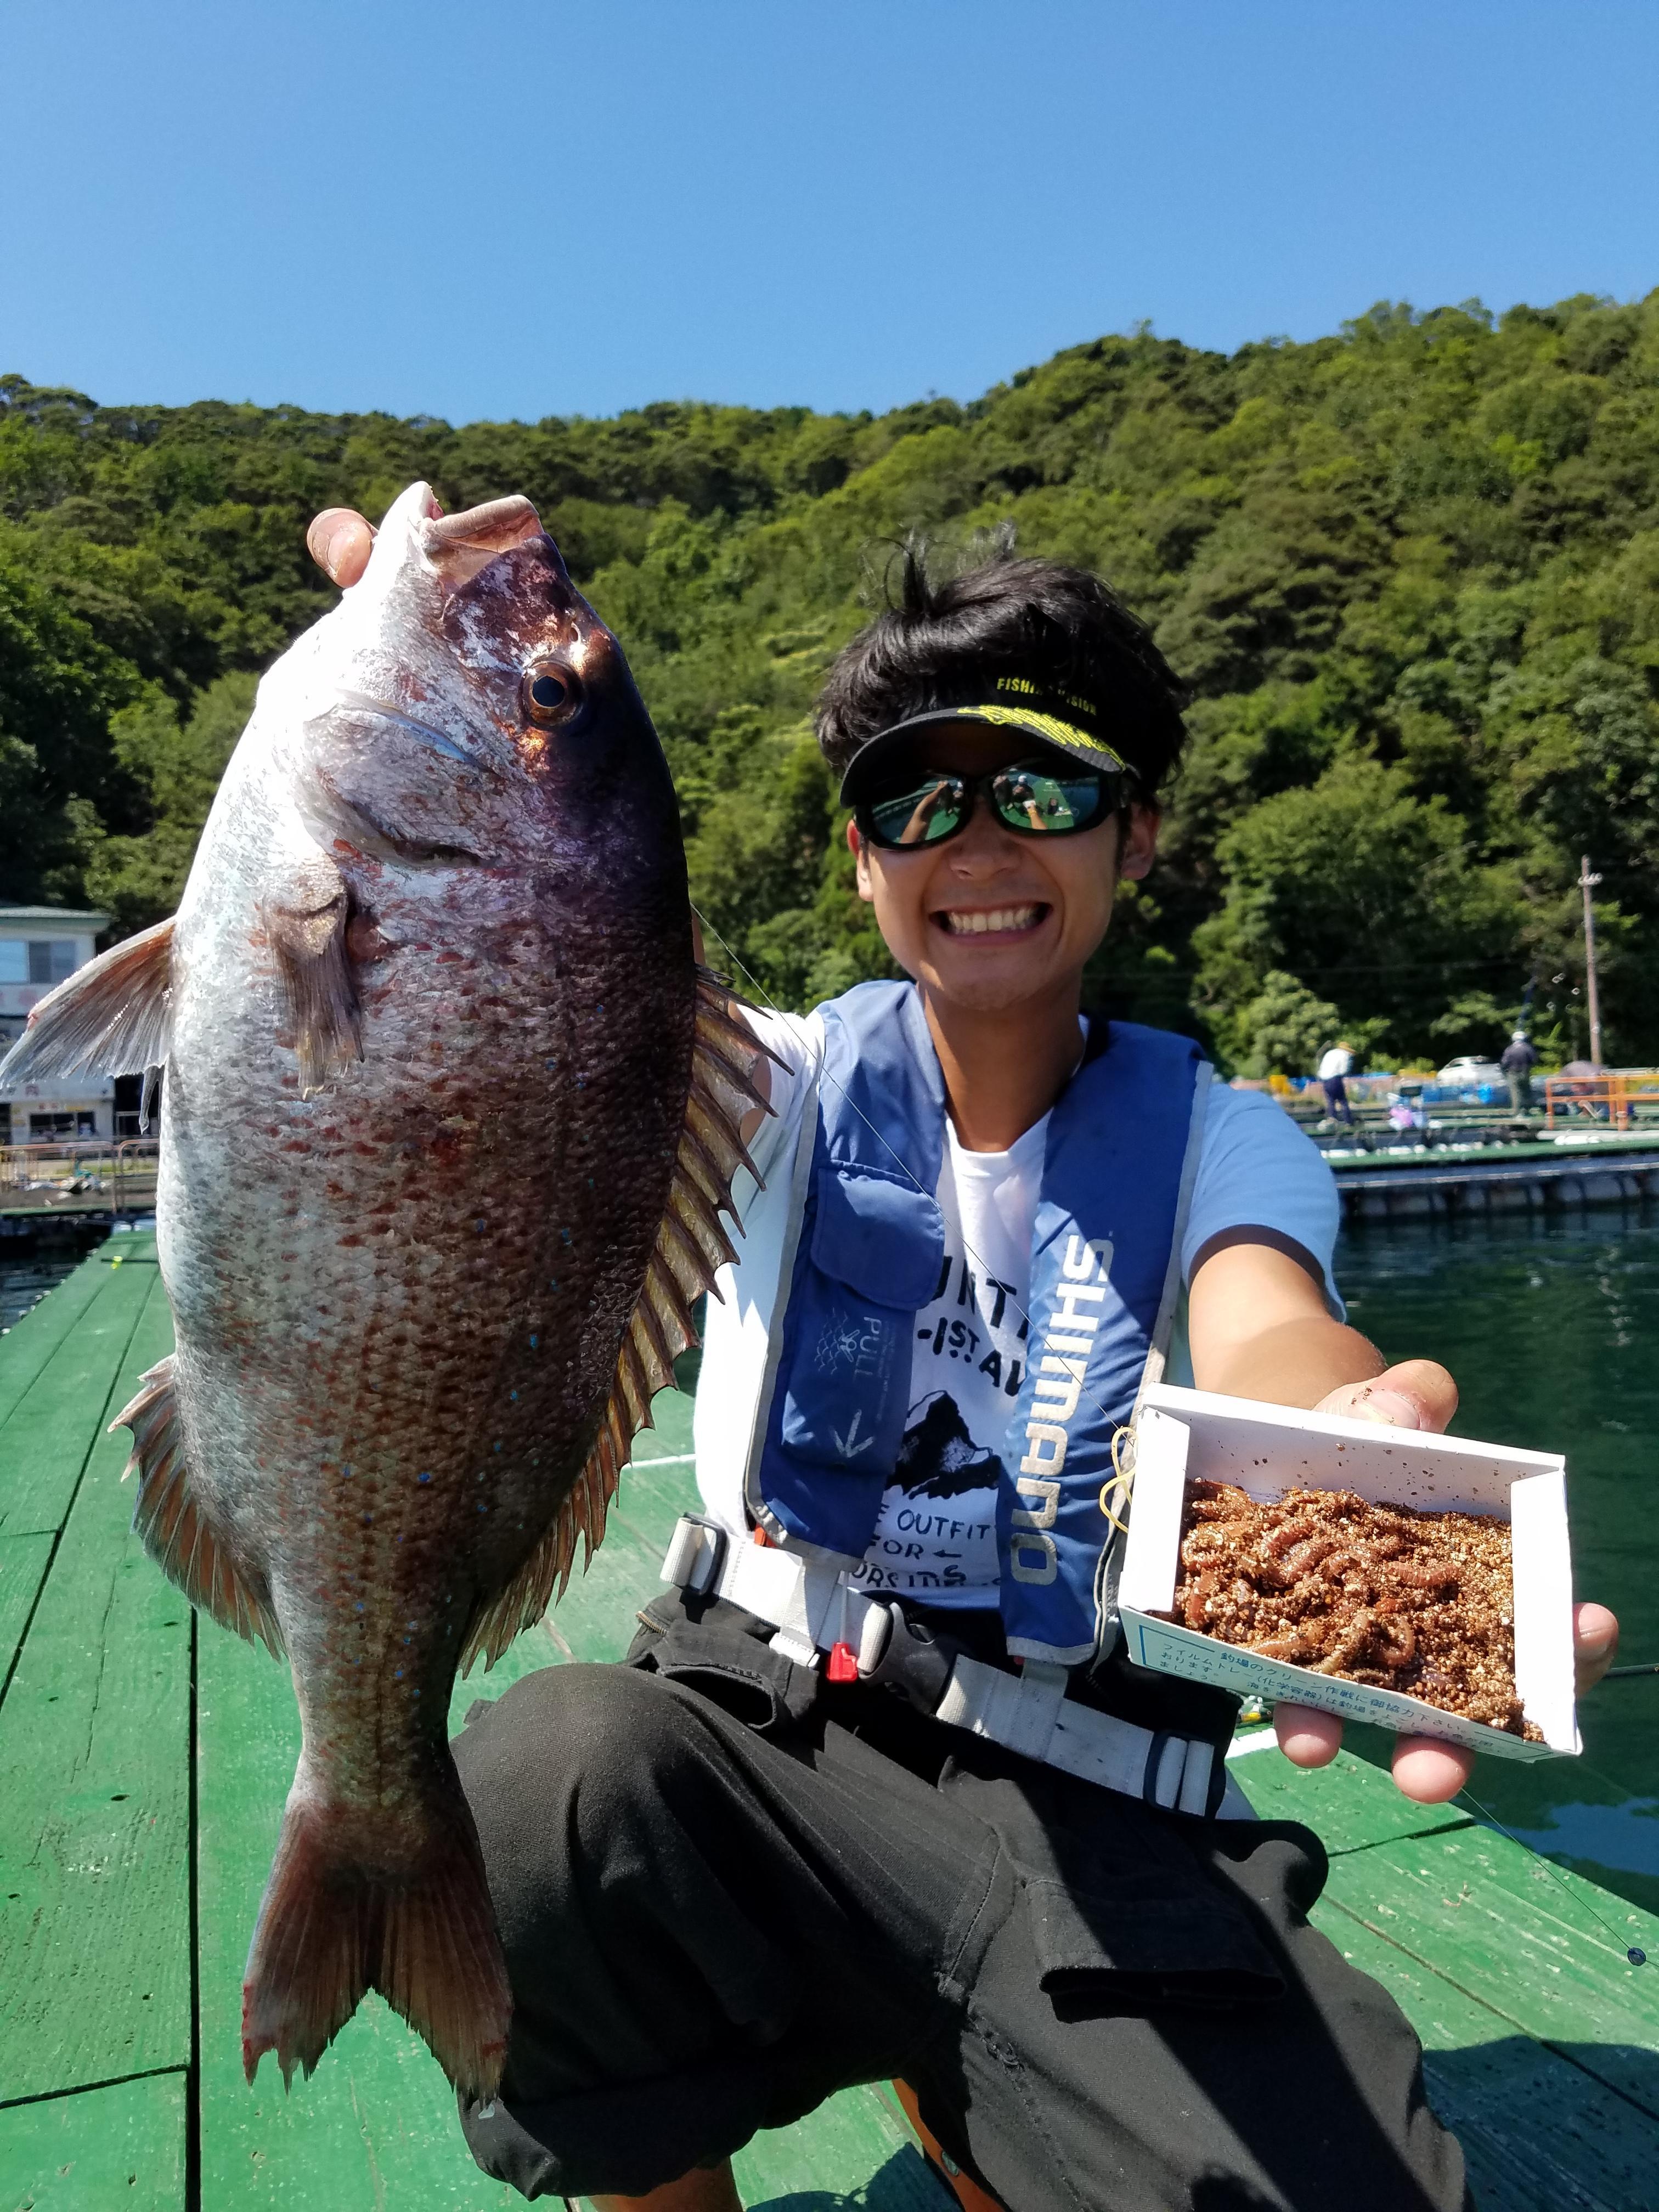 真夏の海上釣堀!初心者でも大丈夫♪ご家族と、友人と、カップルで!夏休みは釣りを楽しもう!